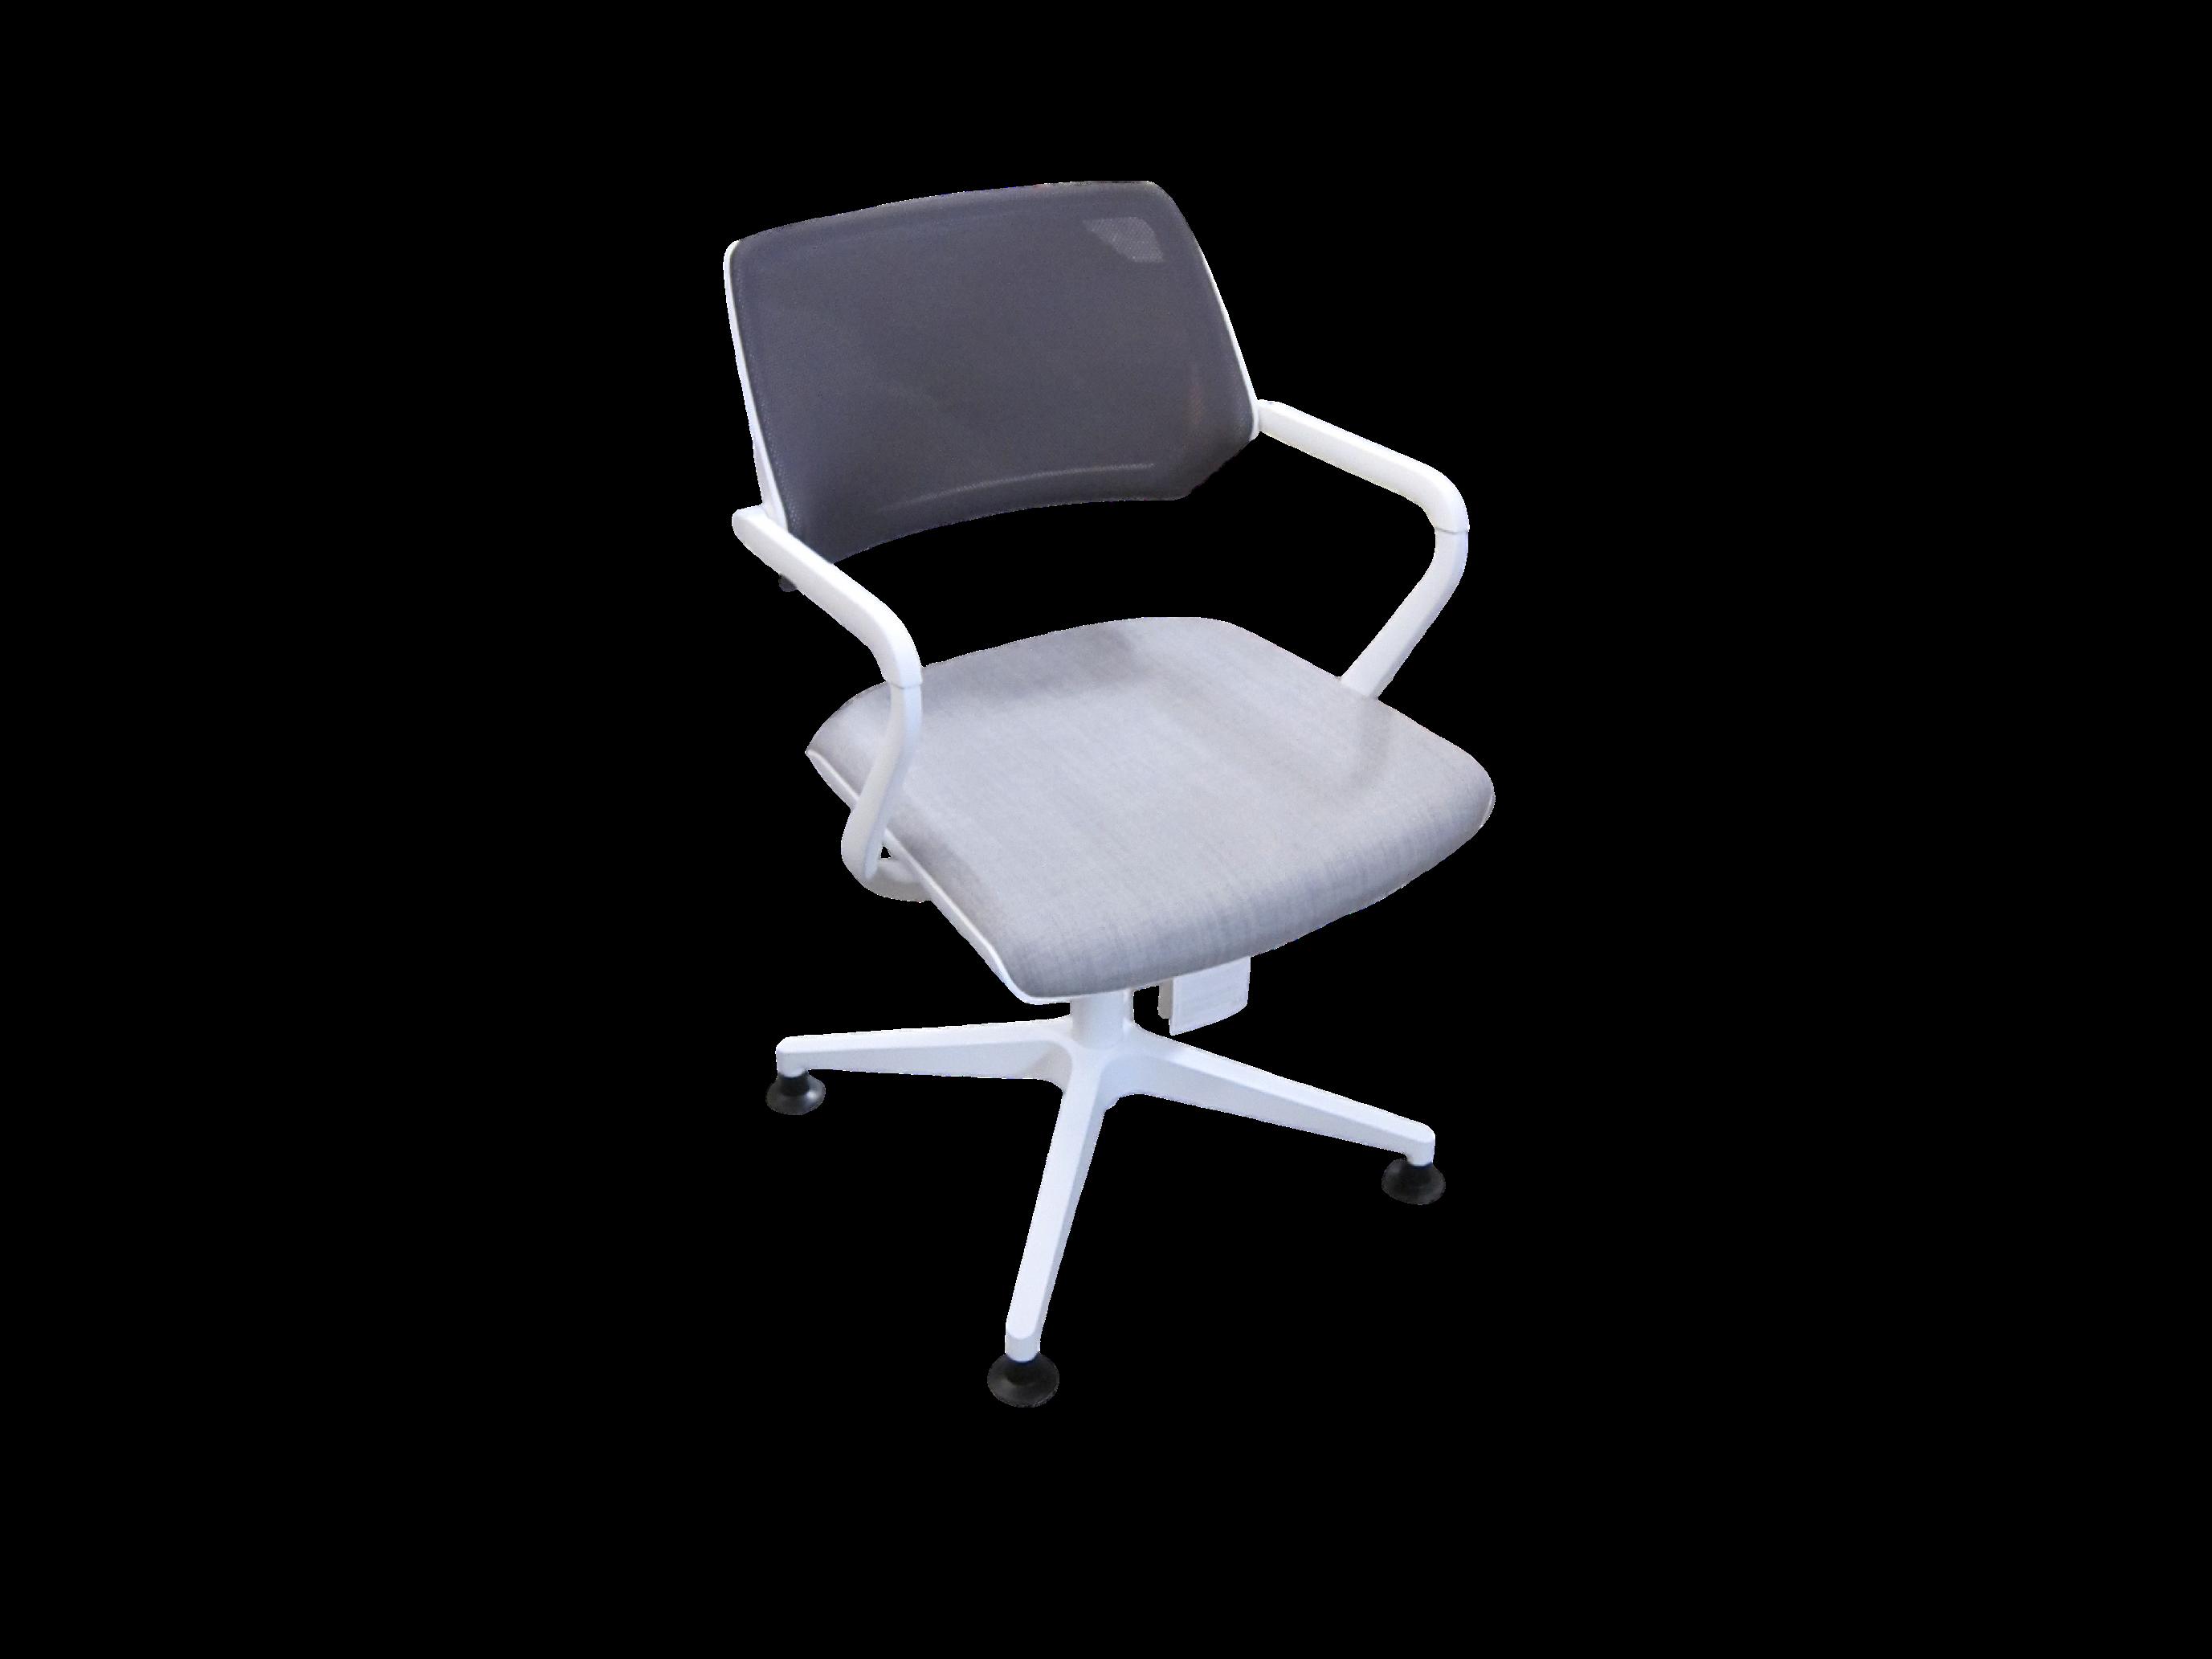 Steelcase Qivi Neufs Chaise Chaise Steelcase Chaise Qivi Neufs Qivi OnP8k0wX